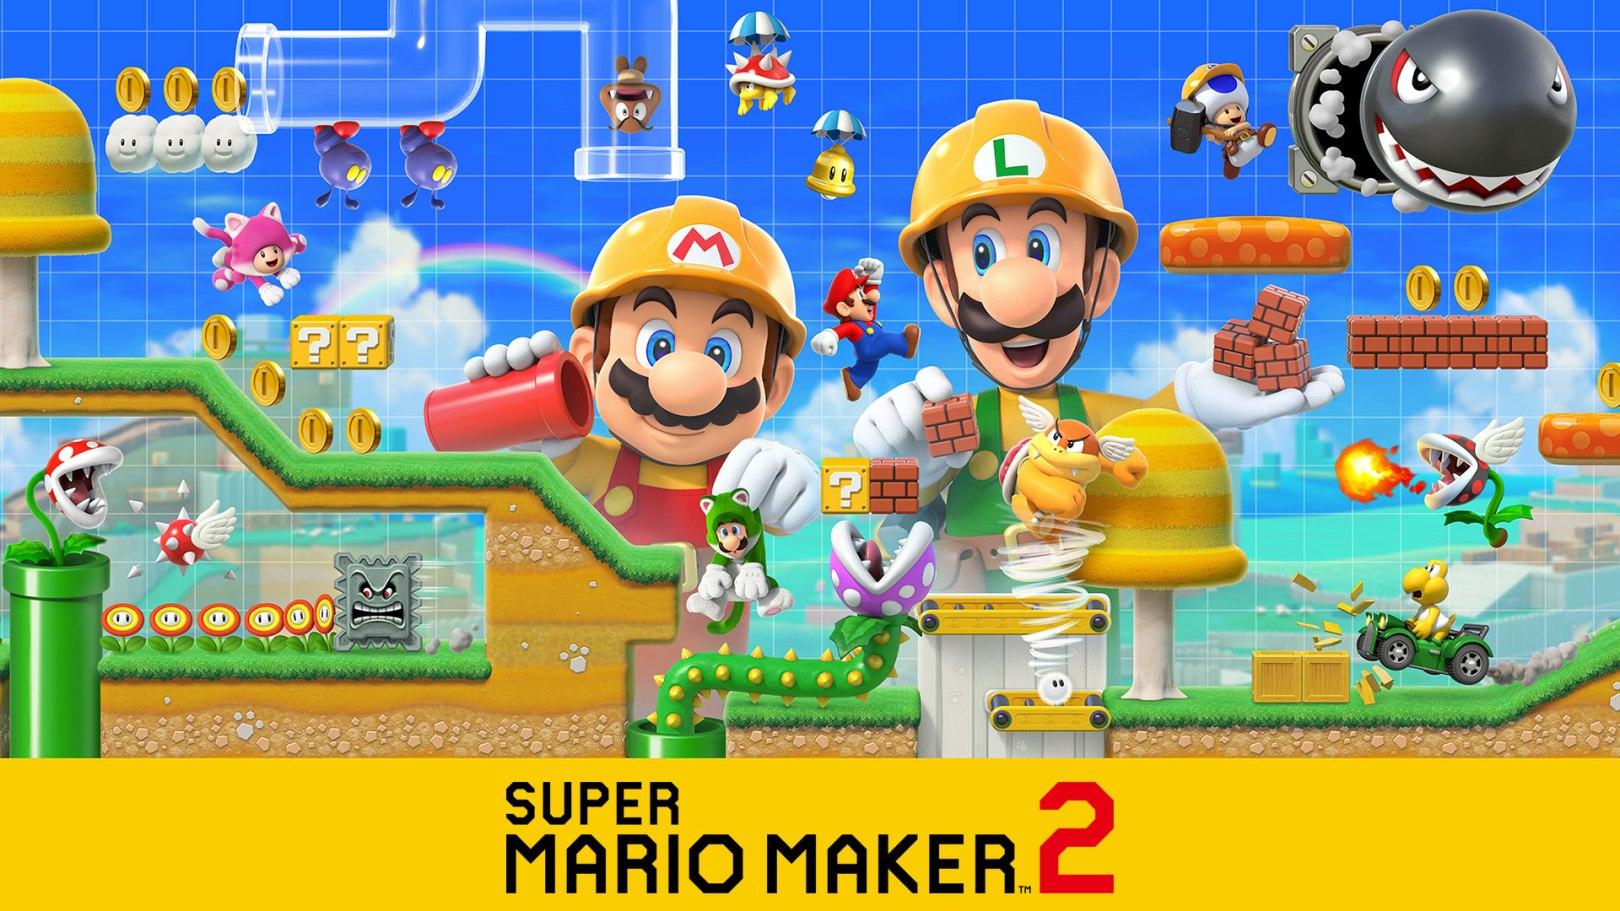 Découvrez Super Mario Maker 2 sur Nintendo Switch!